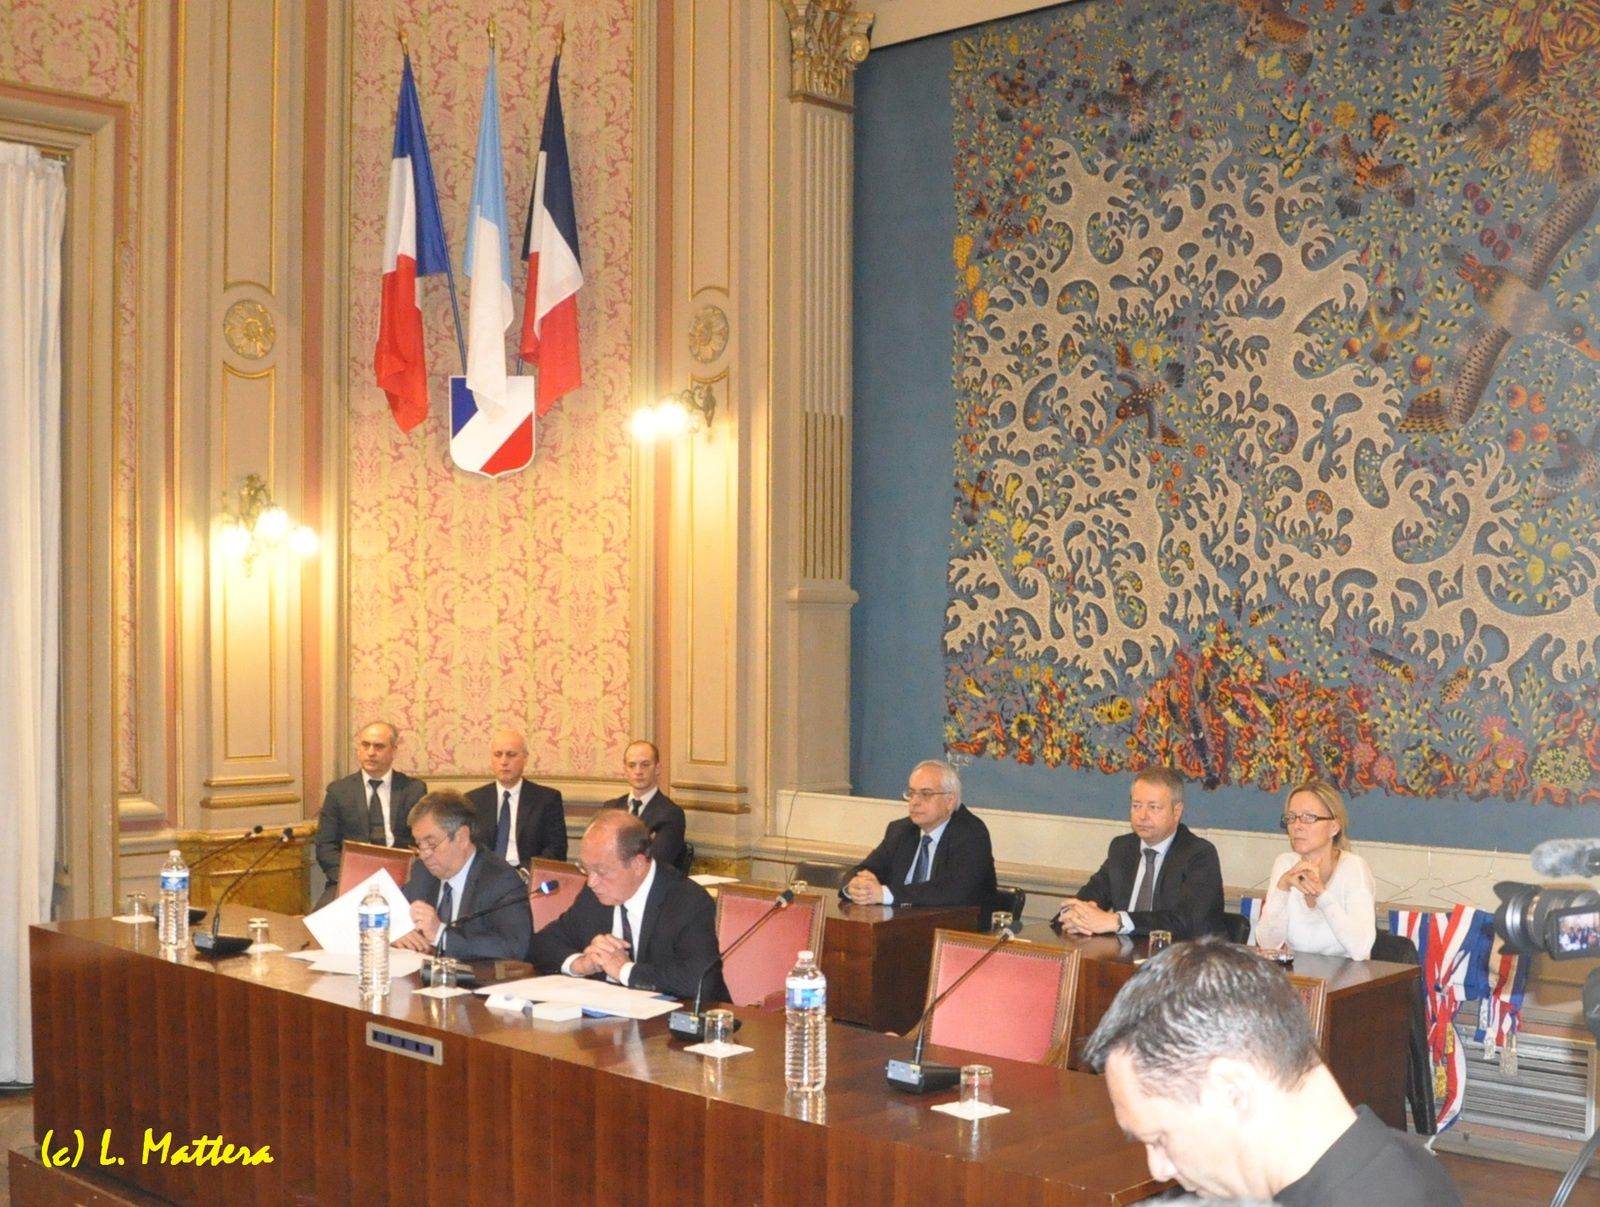 Menton: Jean-Claude Guibal réélu pour un 5ème mandat